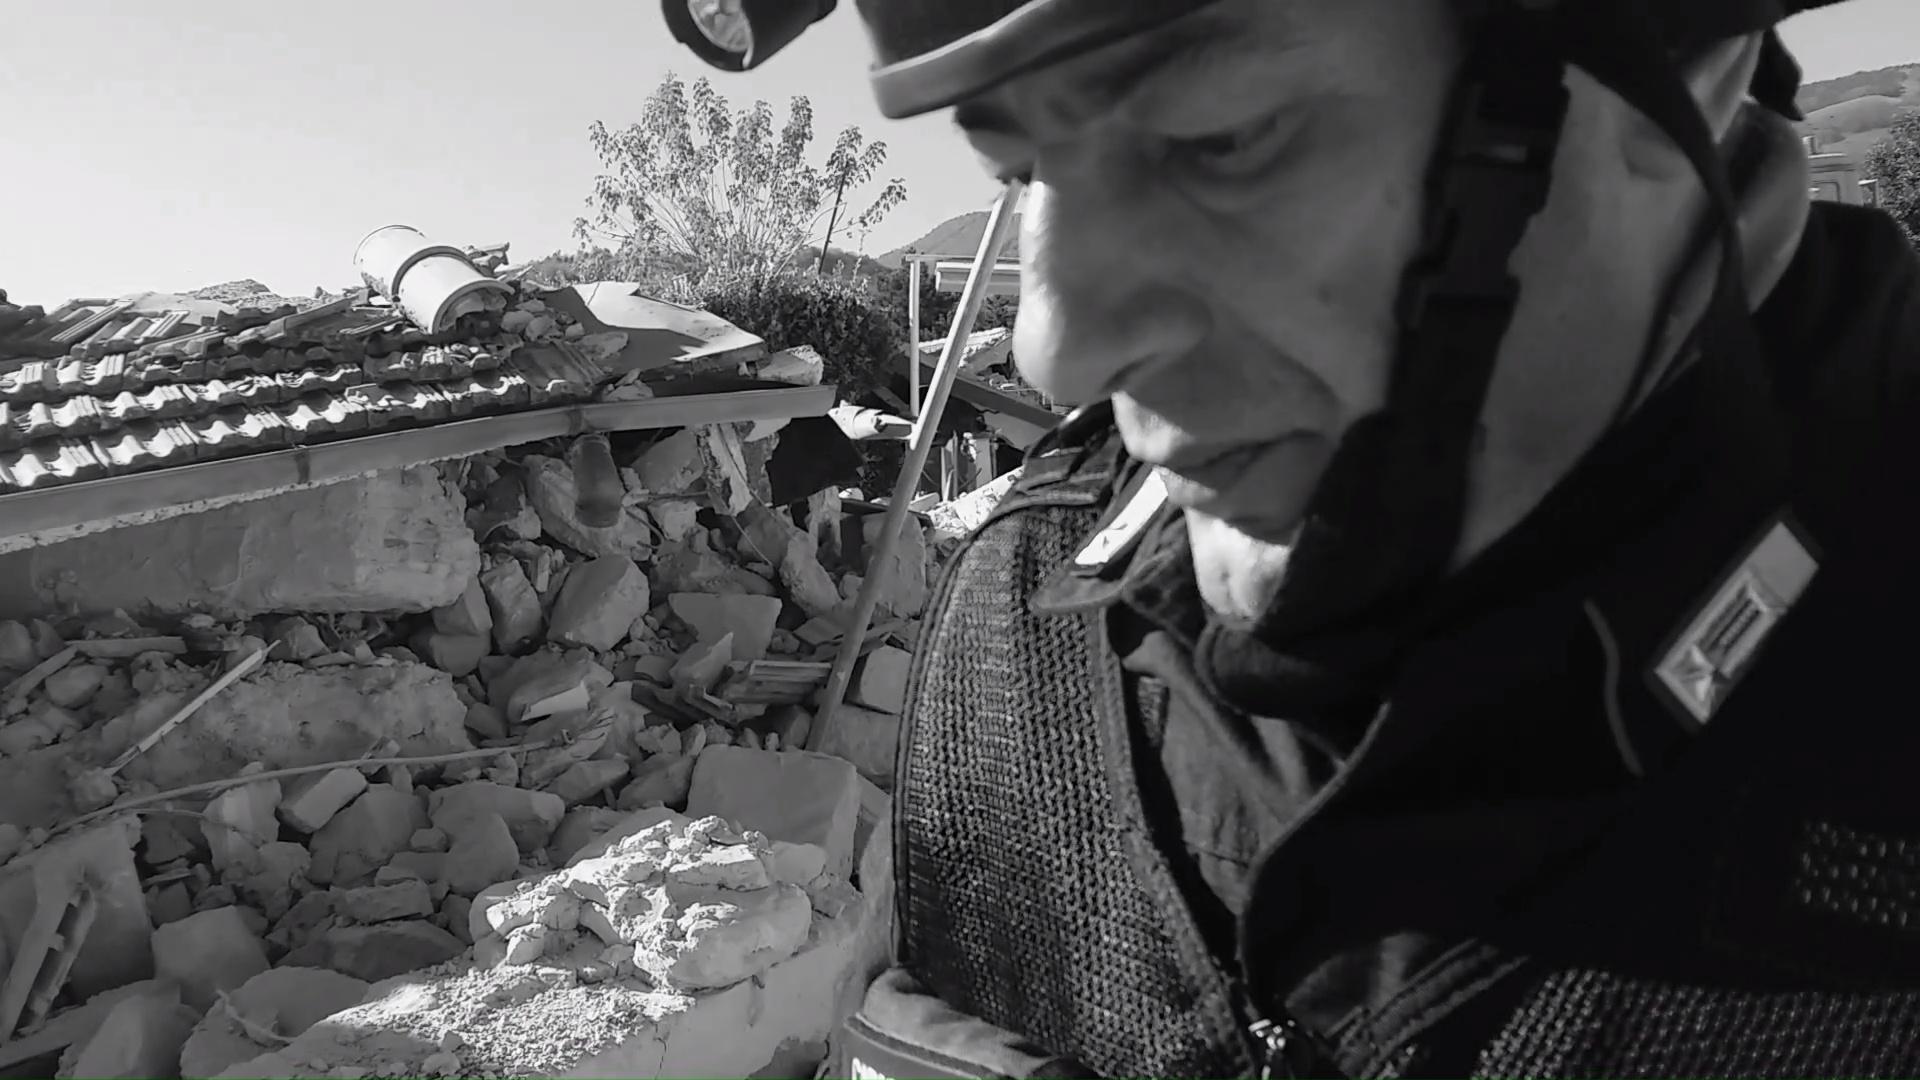 Ricognizione nella Piazza S. Francesco di Accumoli - Scossa 30 ottobre 2016